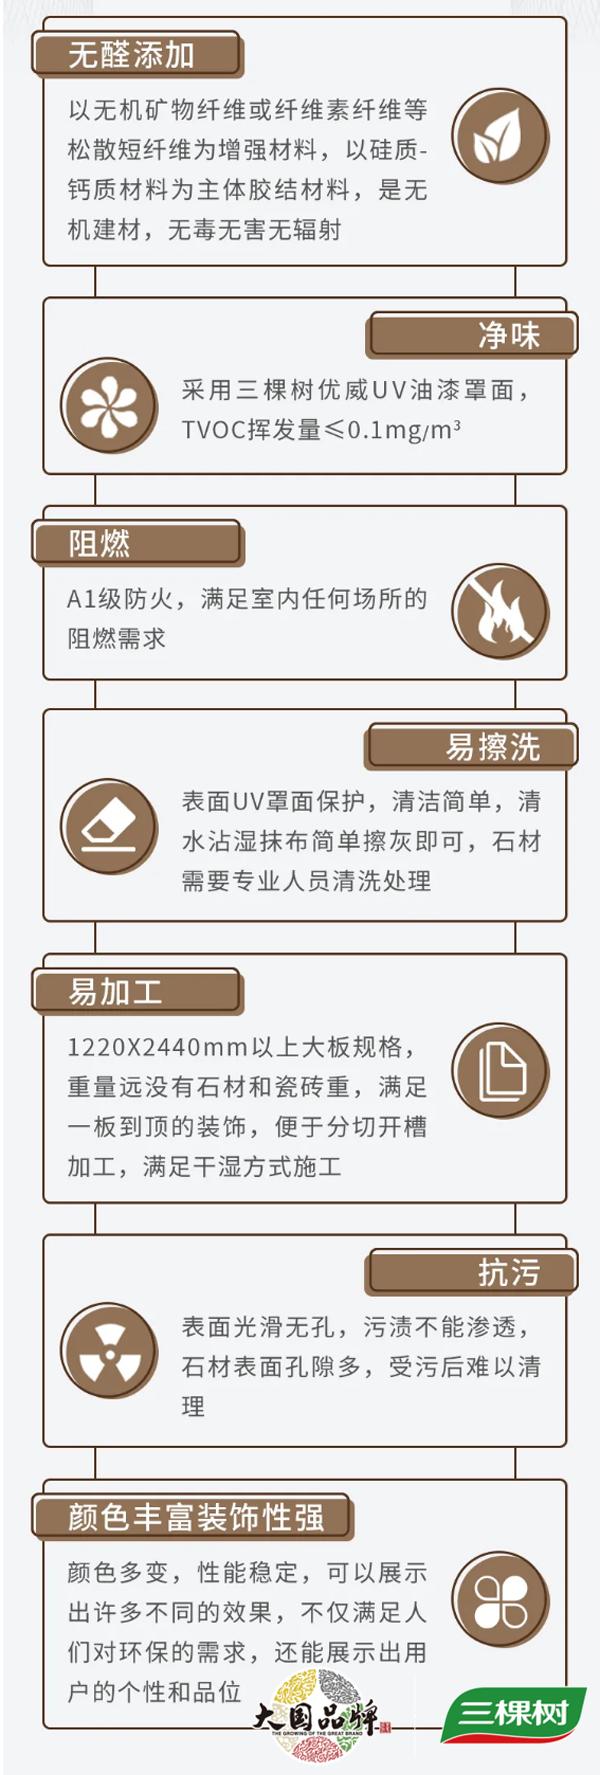 三棵树科创晶瓷板产品优势